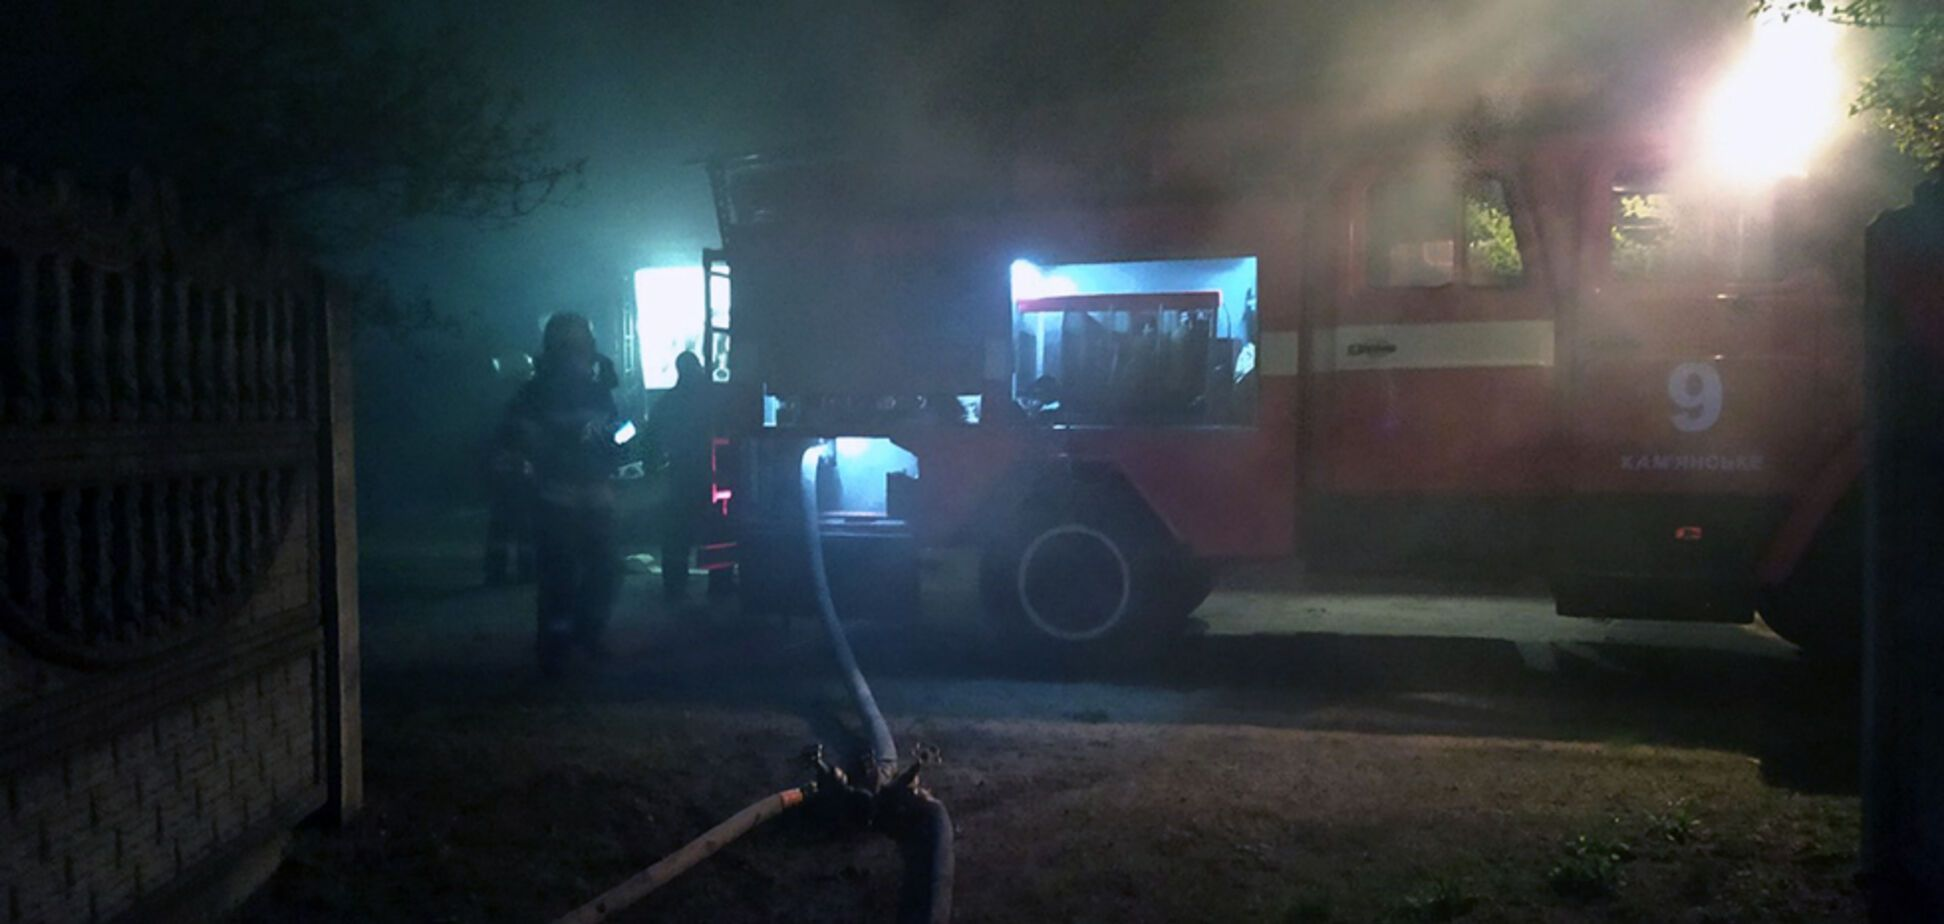 На Дніпропетровщині під час пожежі серйозно обгорів чоловік. Фото з місця НП